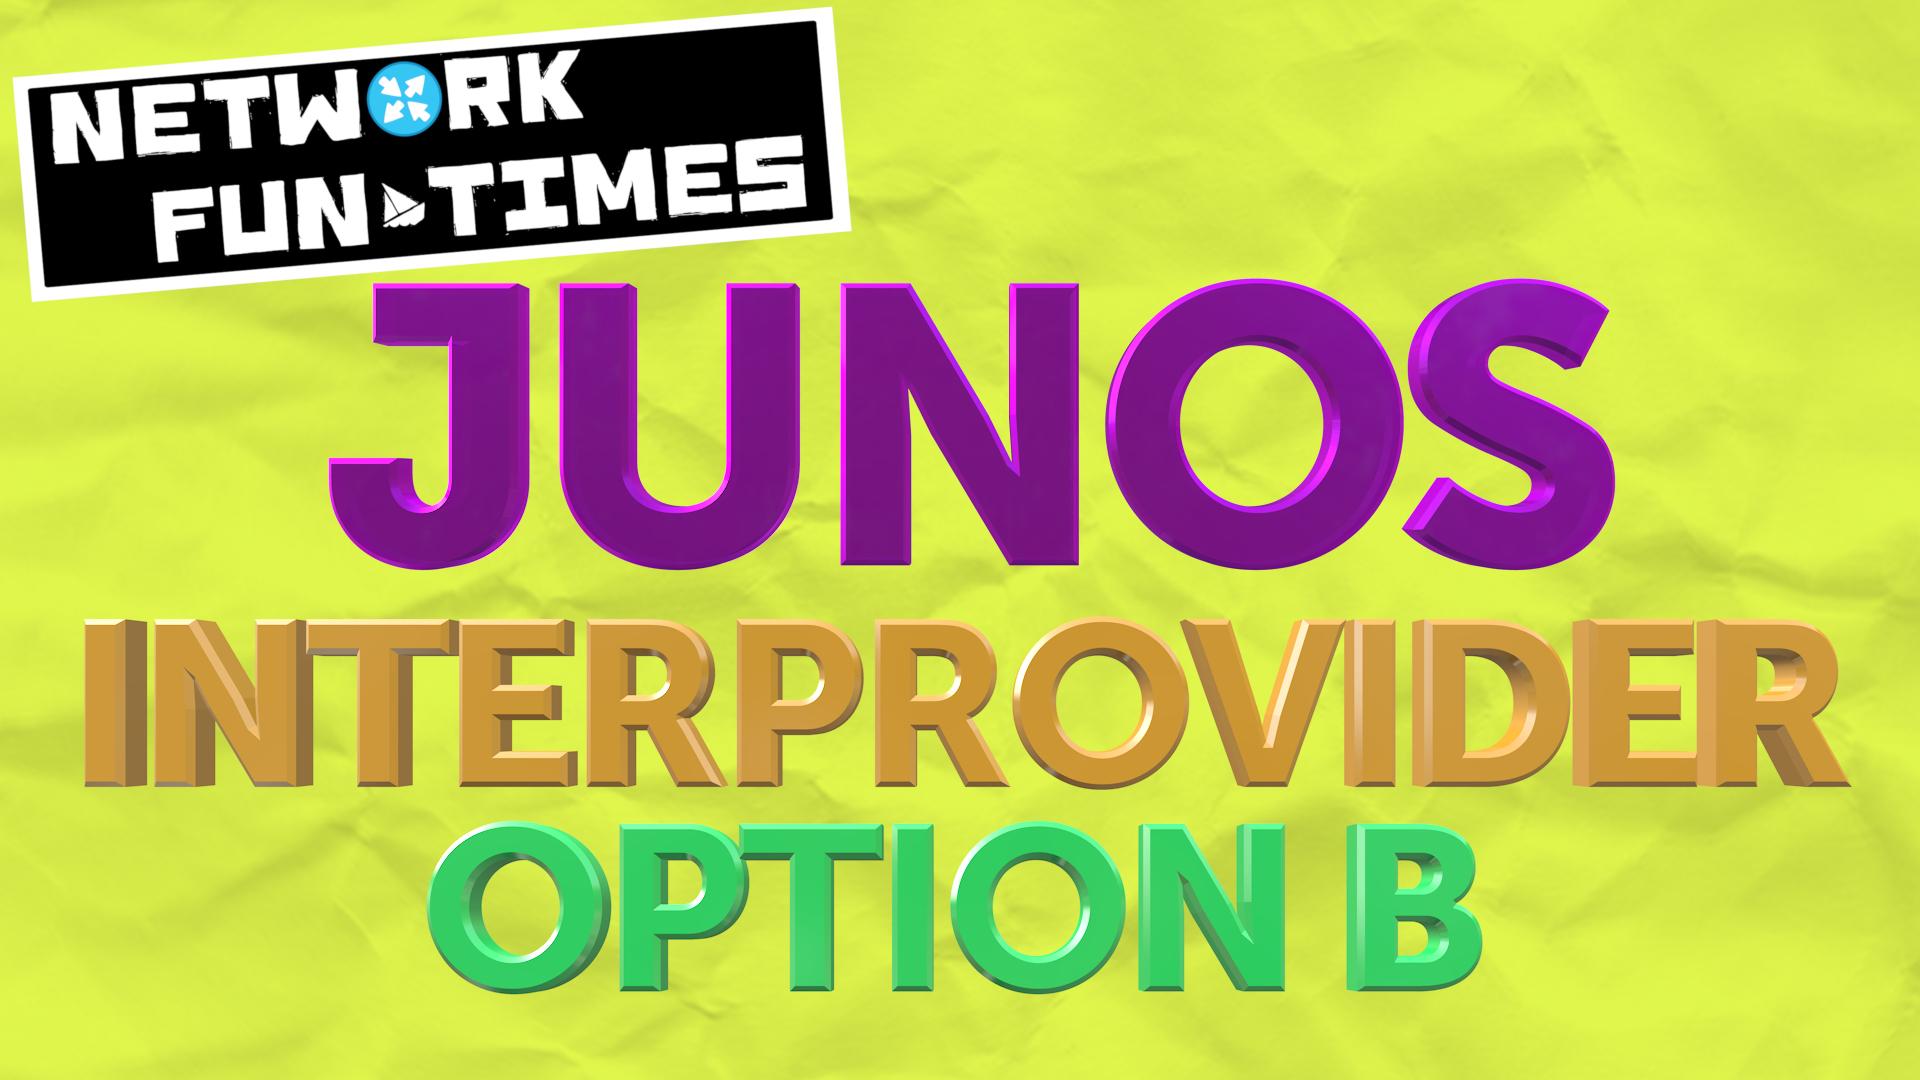 INTERPROVIDER OPTION B, ON JUNIPER JUNOS ROUTERS (INCLUDES FULL